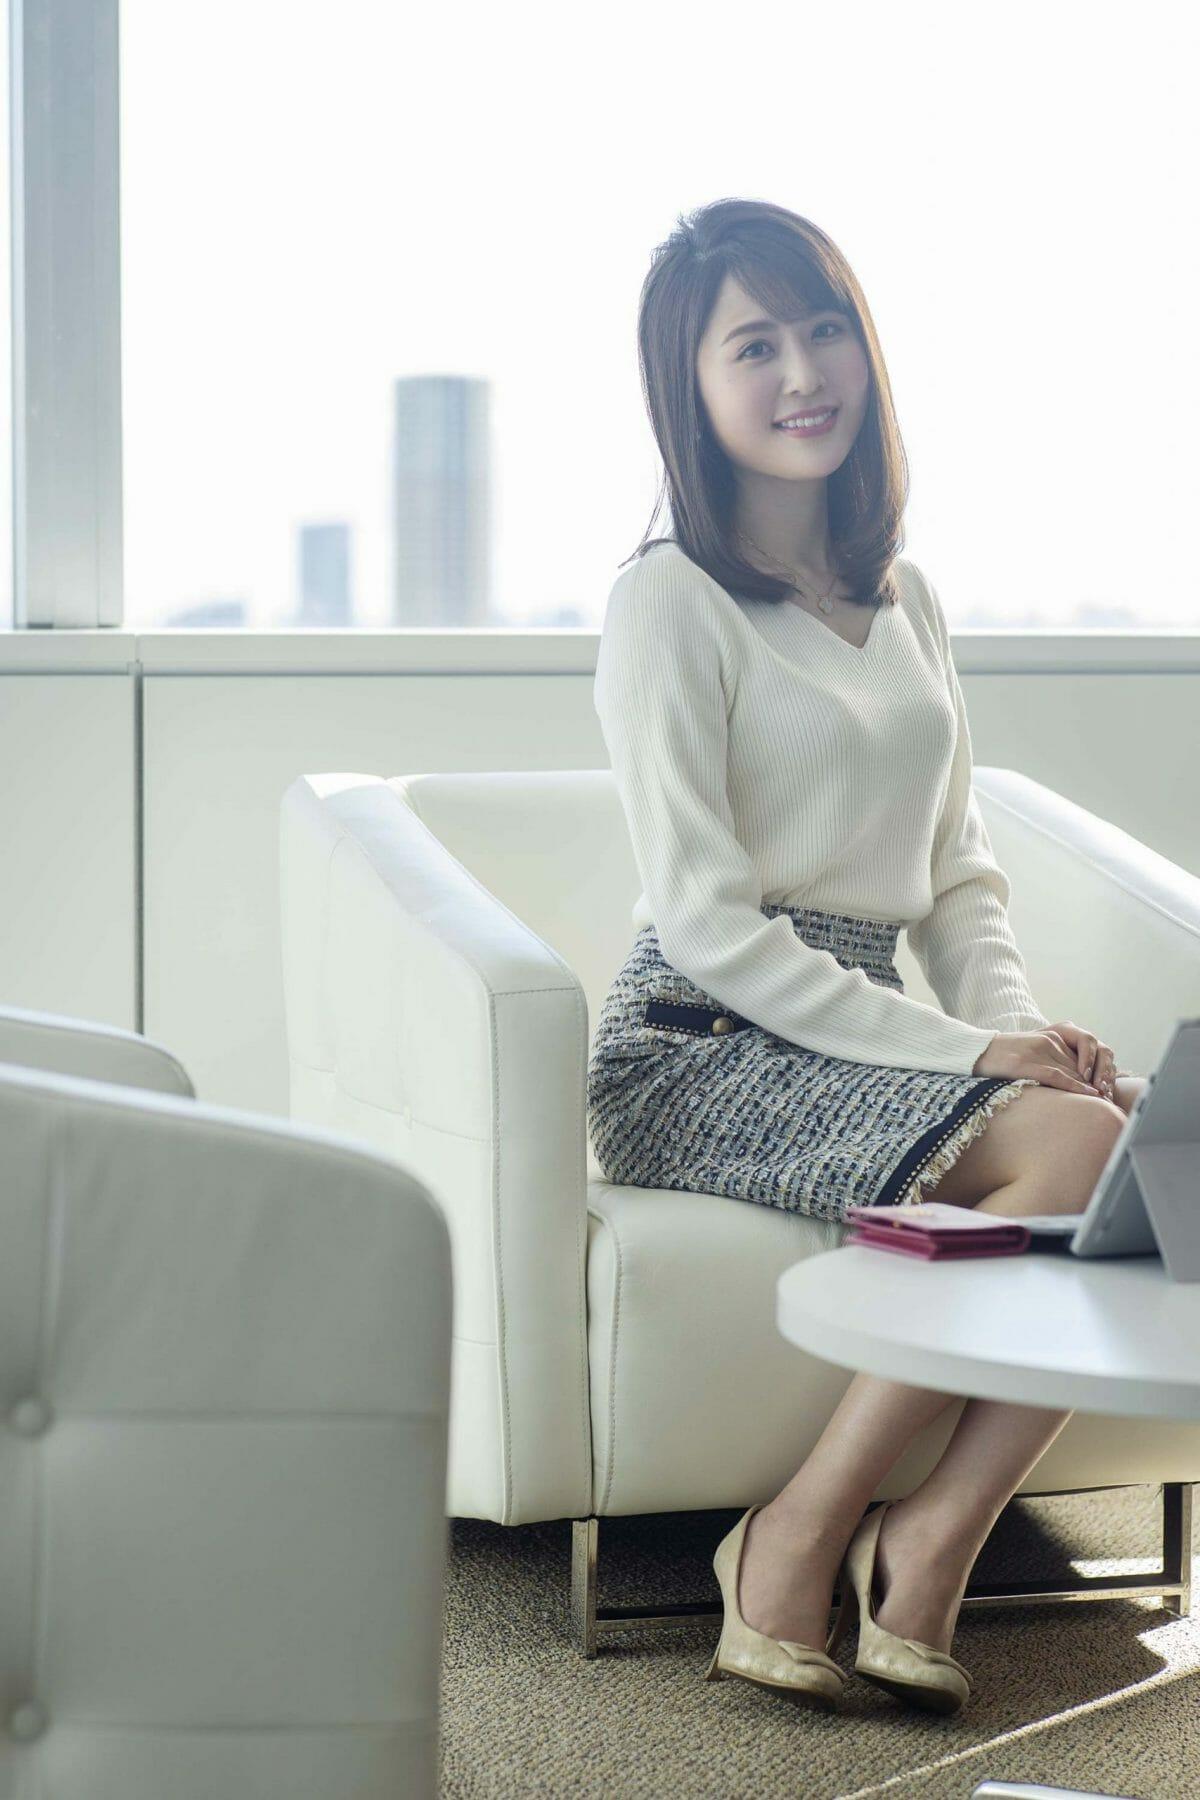 【画像】In the Office95